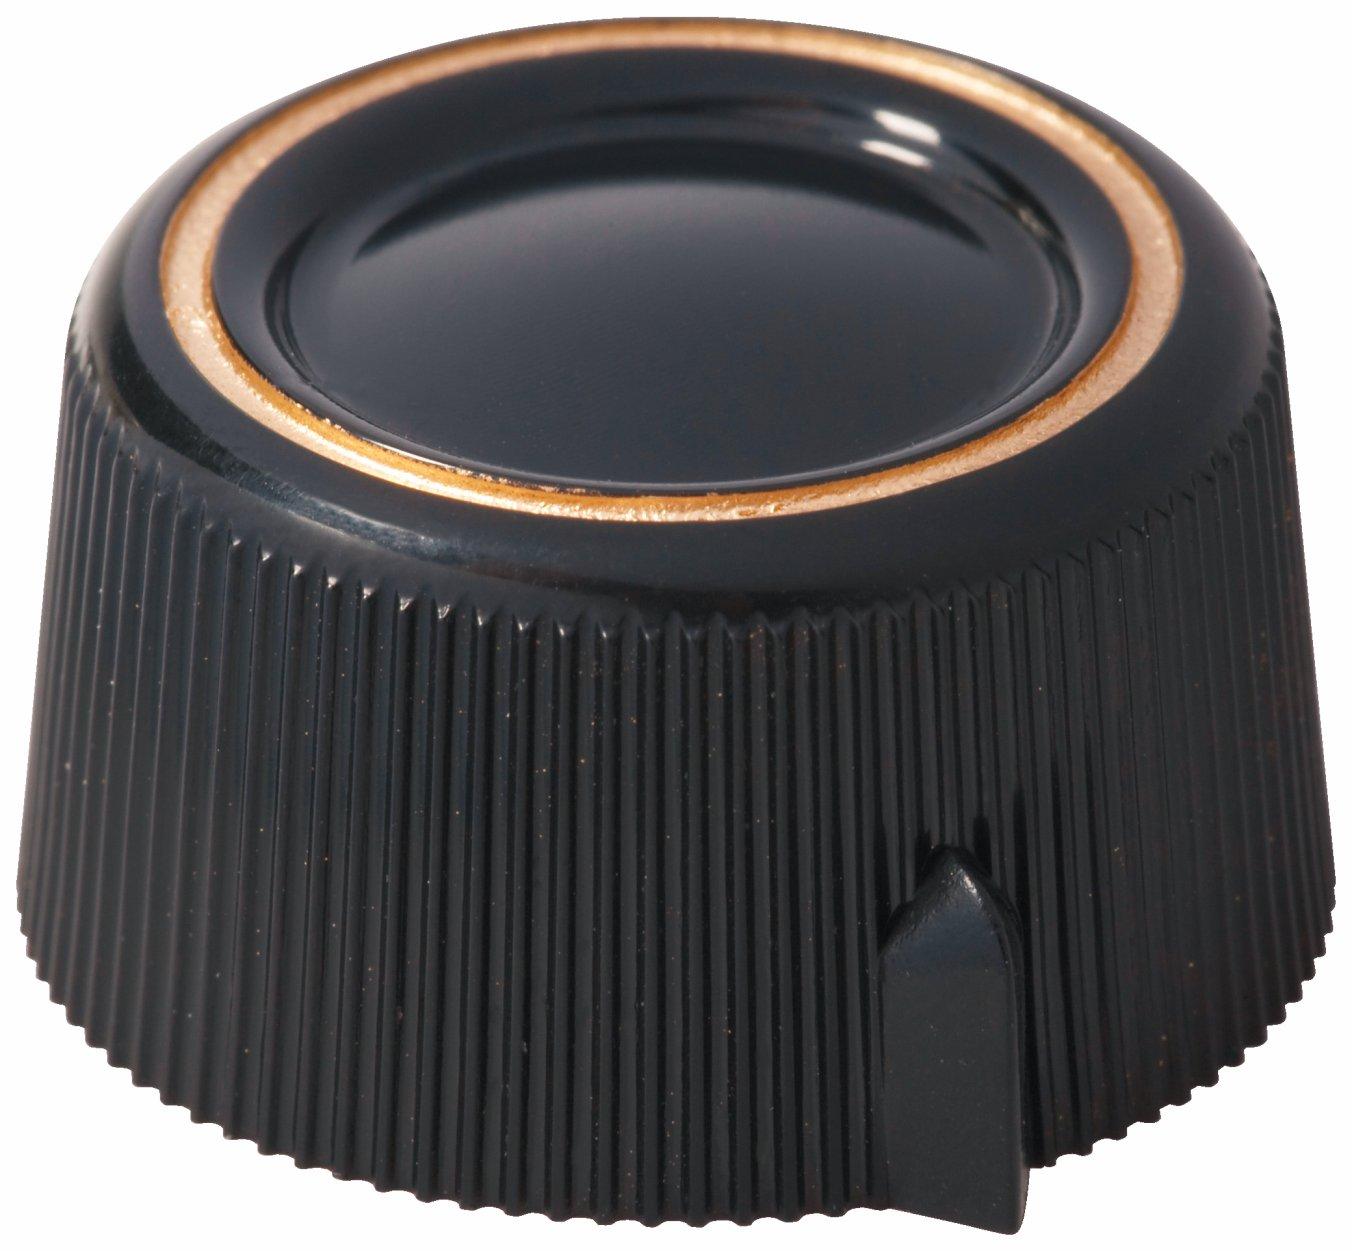 Framus Vintage Parts - Potentiometer Knob Set for Strato De Luxe Models - Black, 2 pcs.